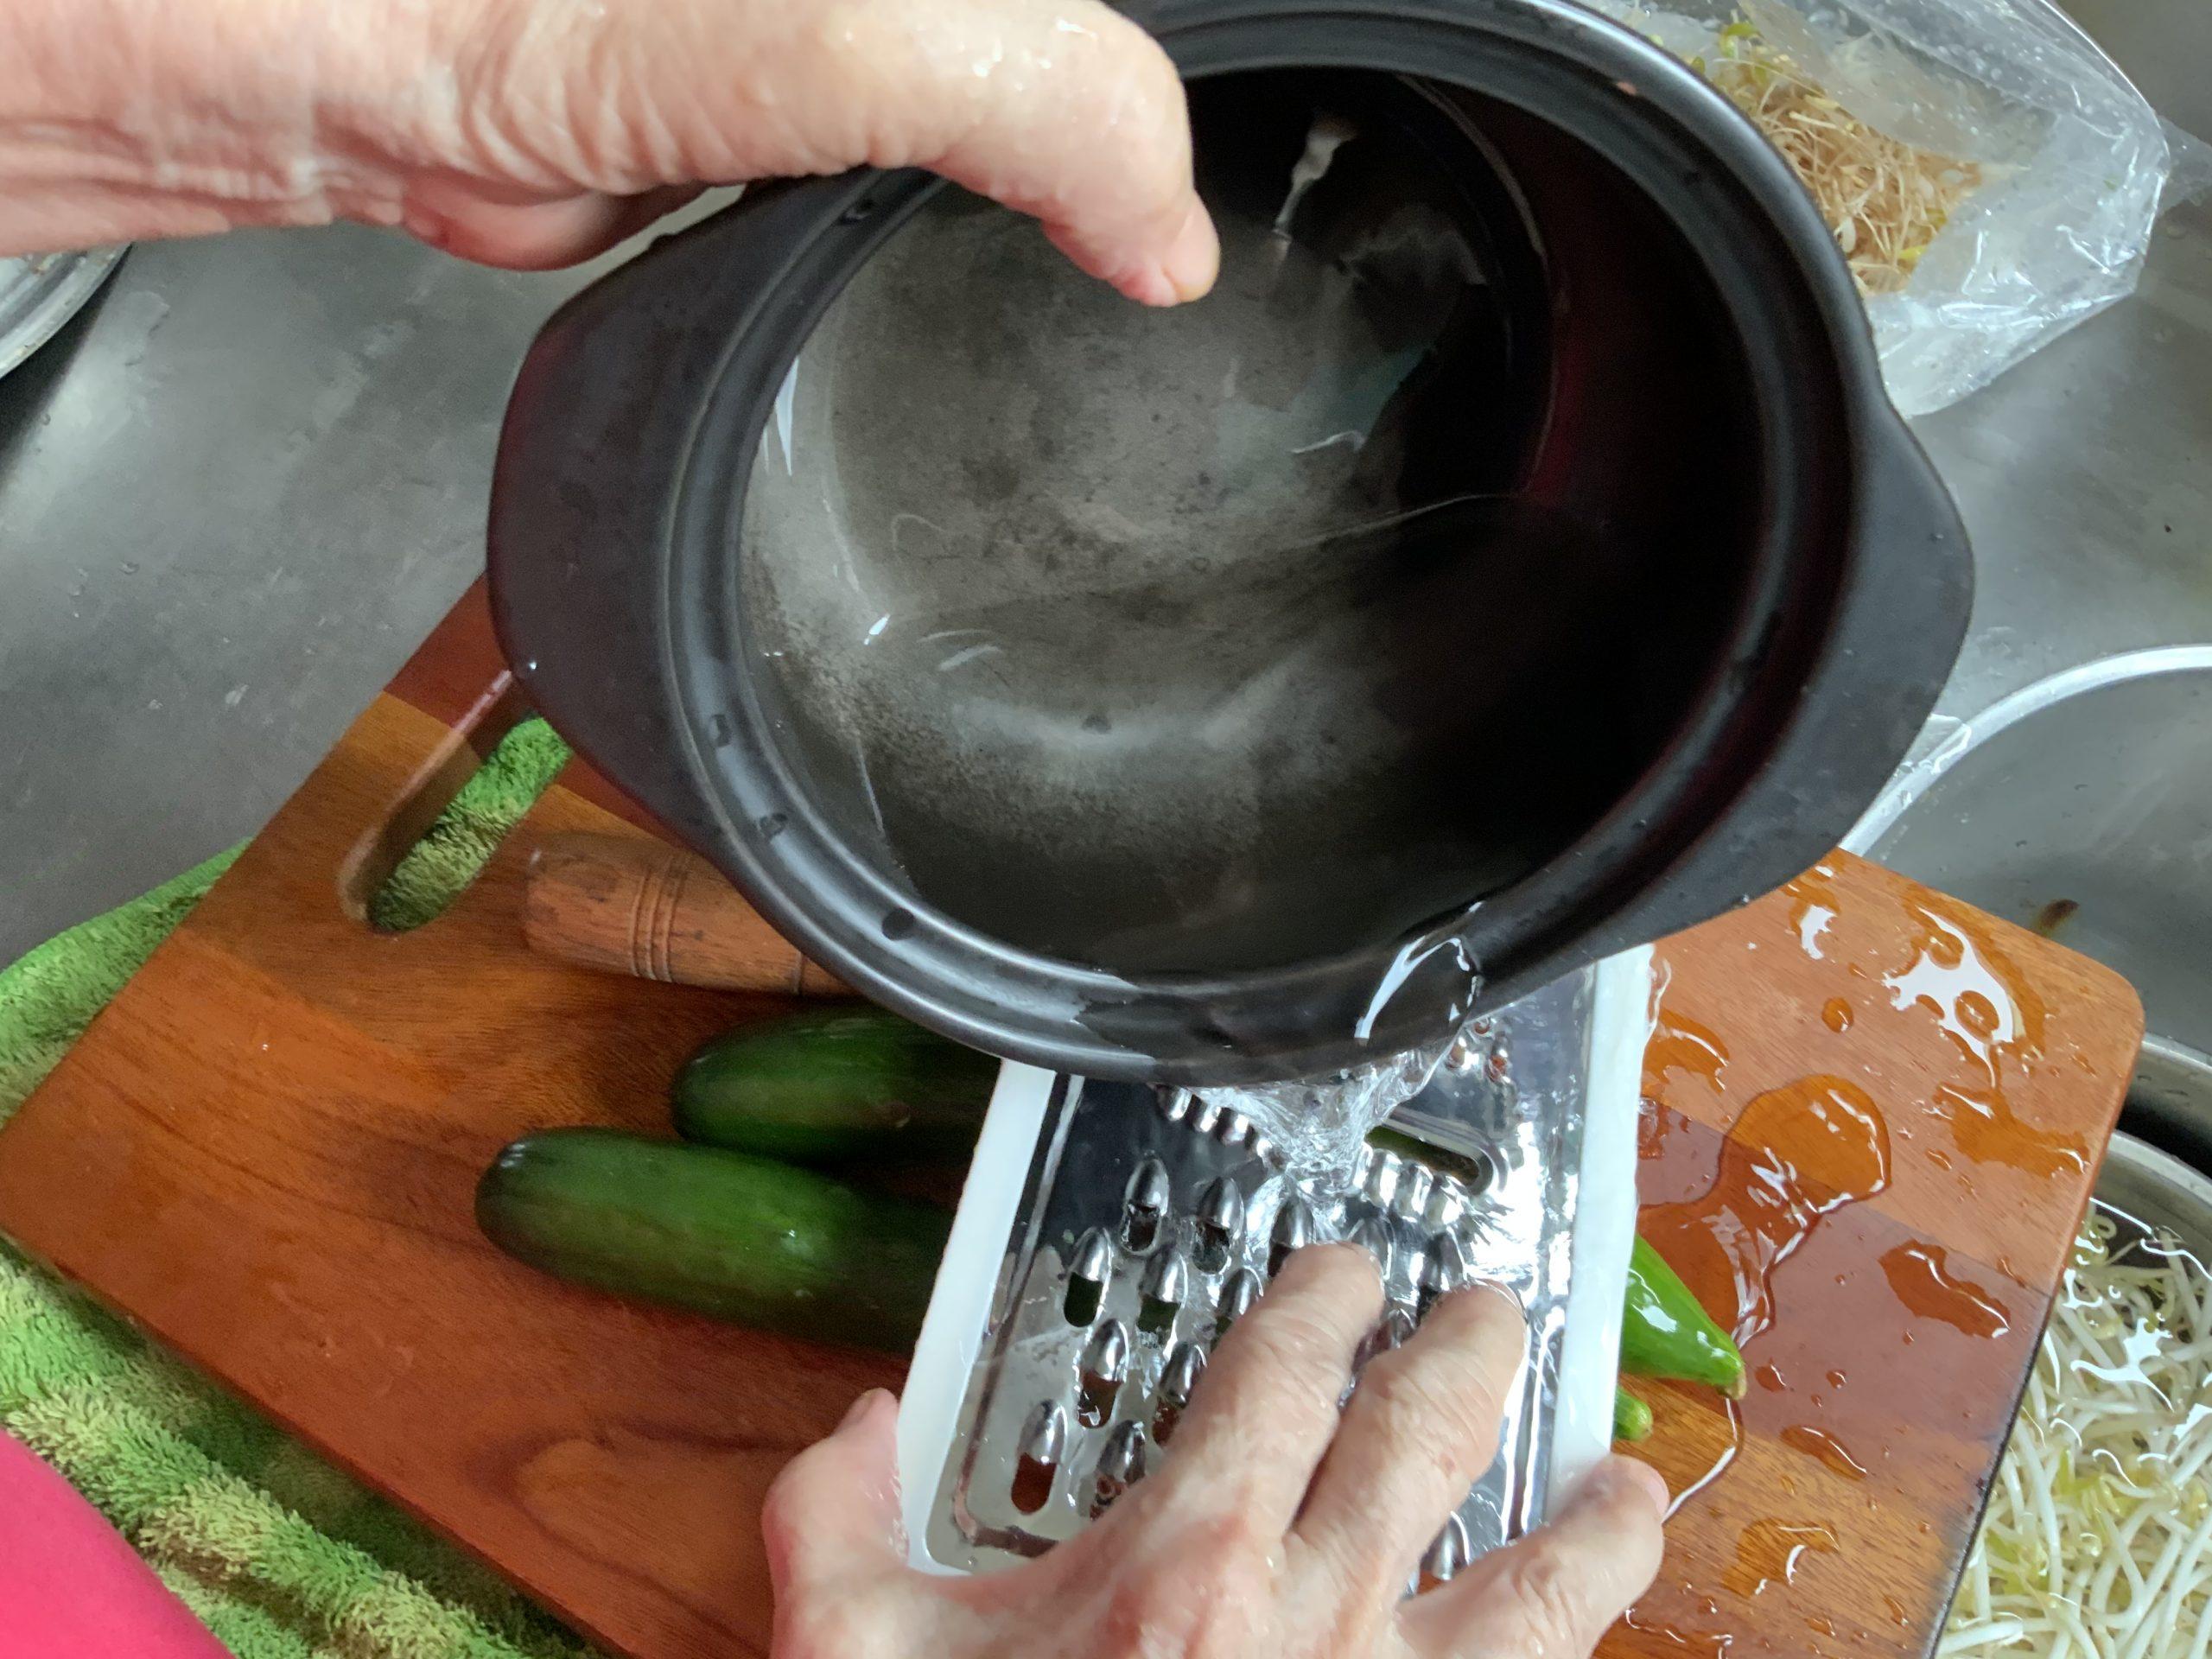 不藏私素食食譜-令人回味的川味麻辣蕎麥涼麵 瑪倉派佛學會 蕎麥麵